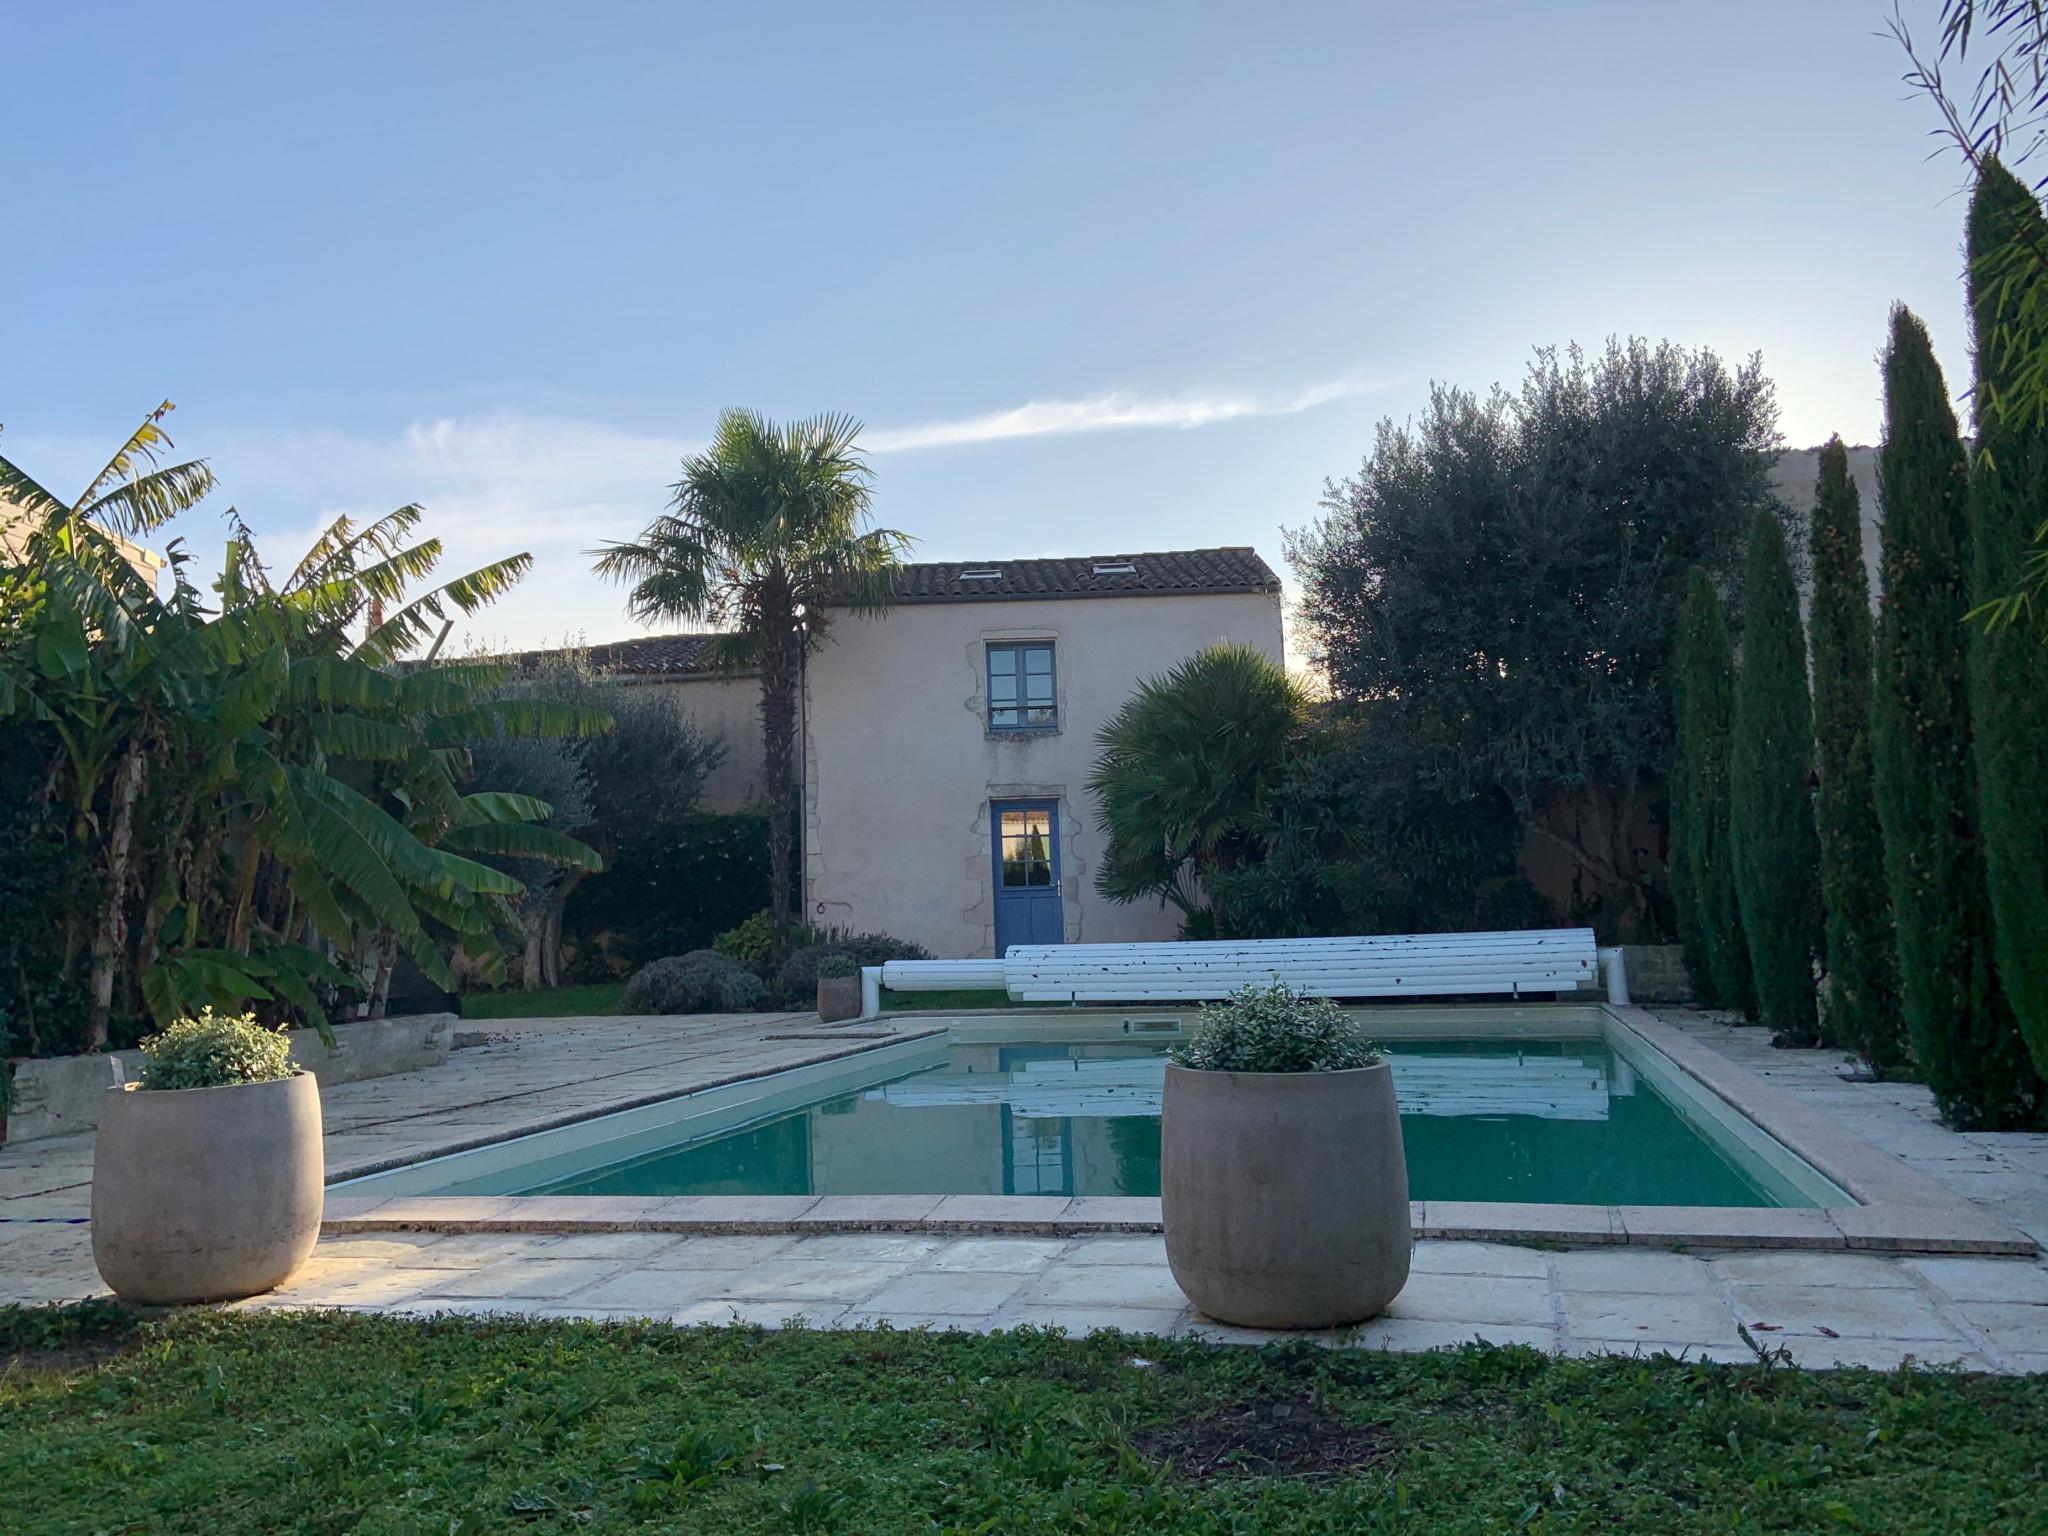 maison/villa nieul sur mer NIEUL SUR MER - COEUR DE BOURG